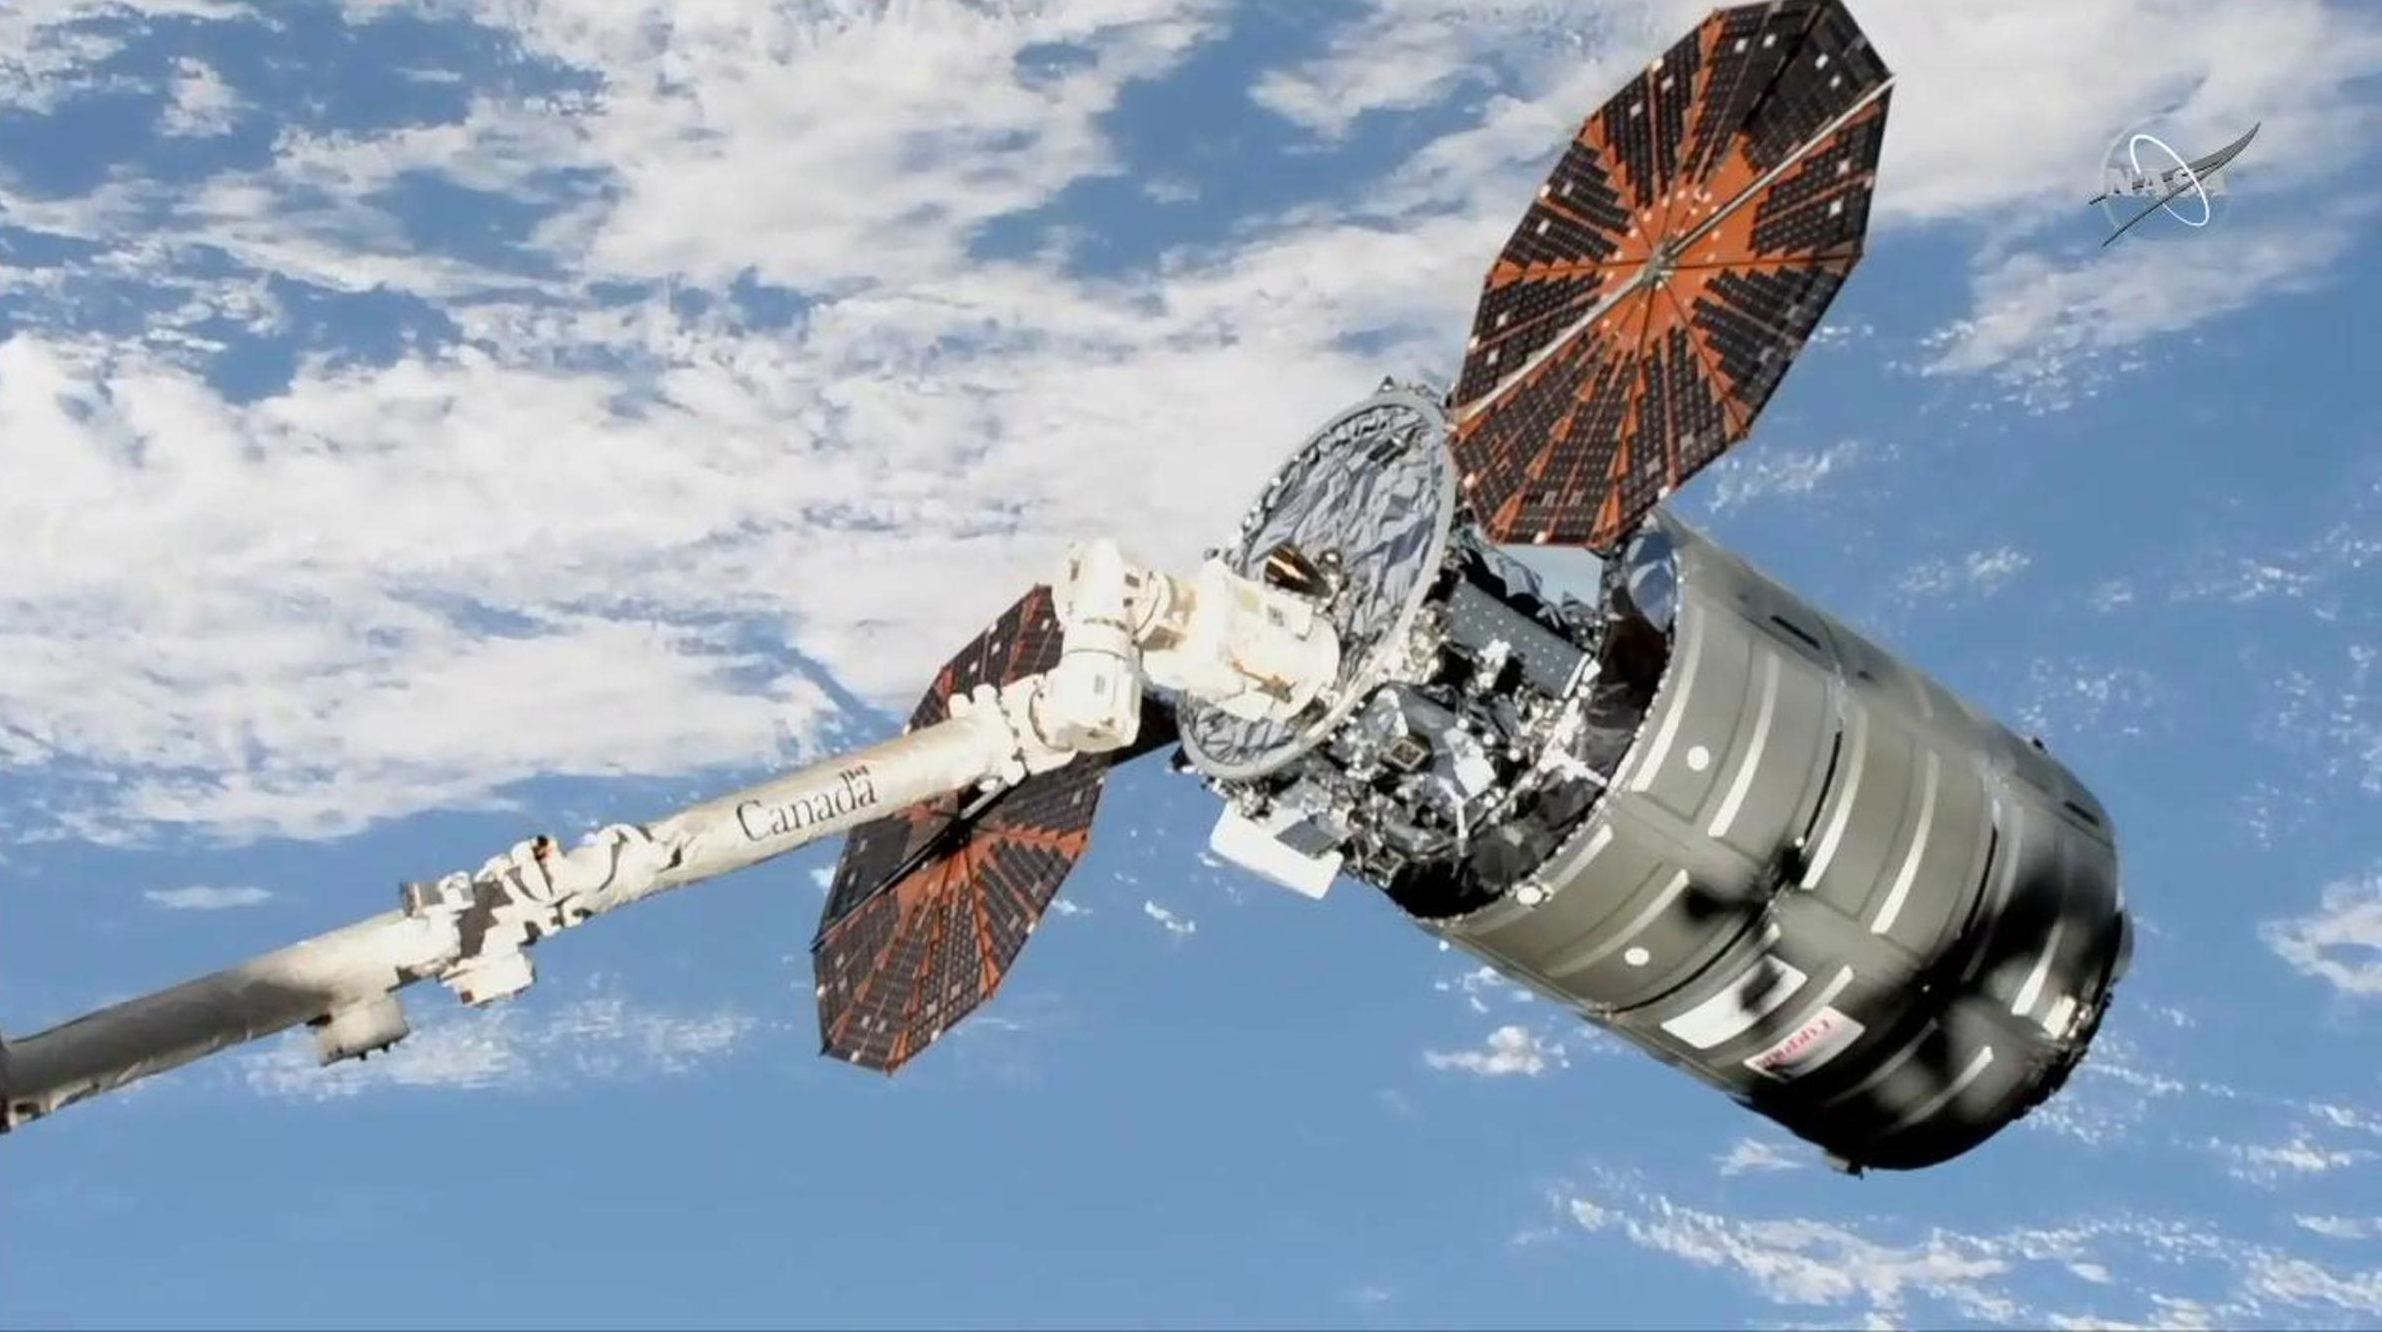 اتصال فضاپیمای سیگنوس به ایستگاه فضایی بینالمللی